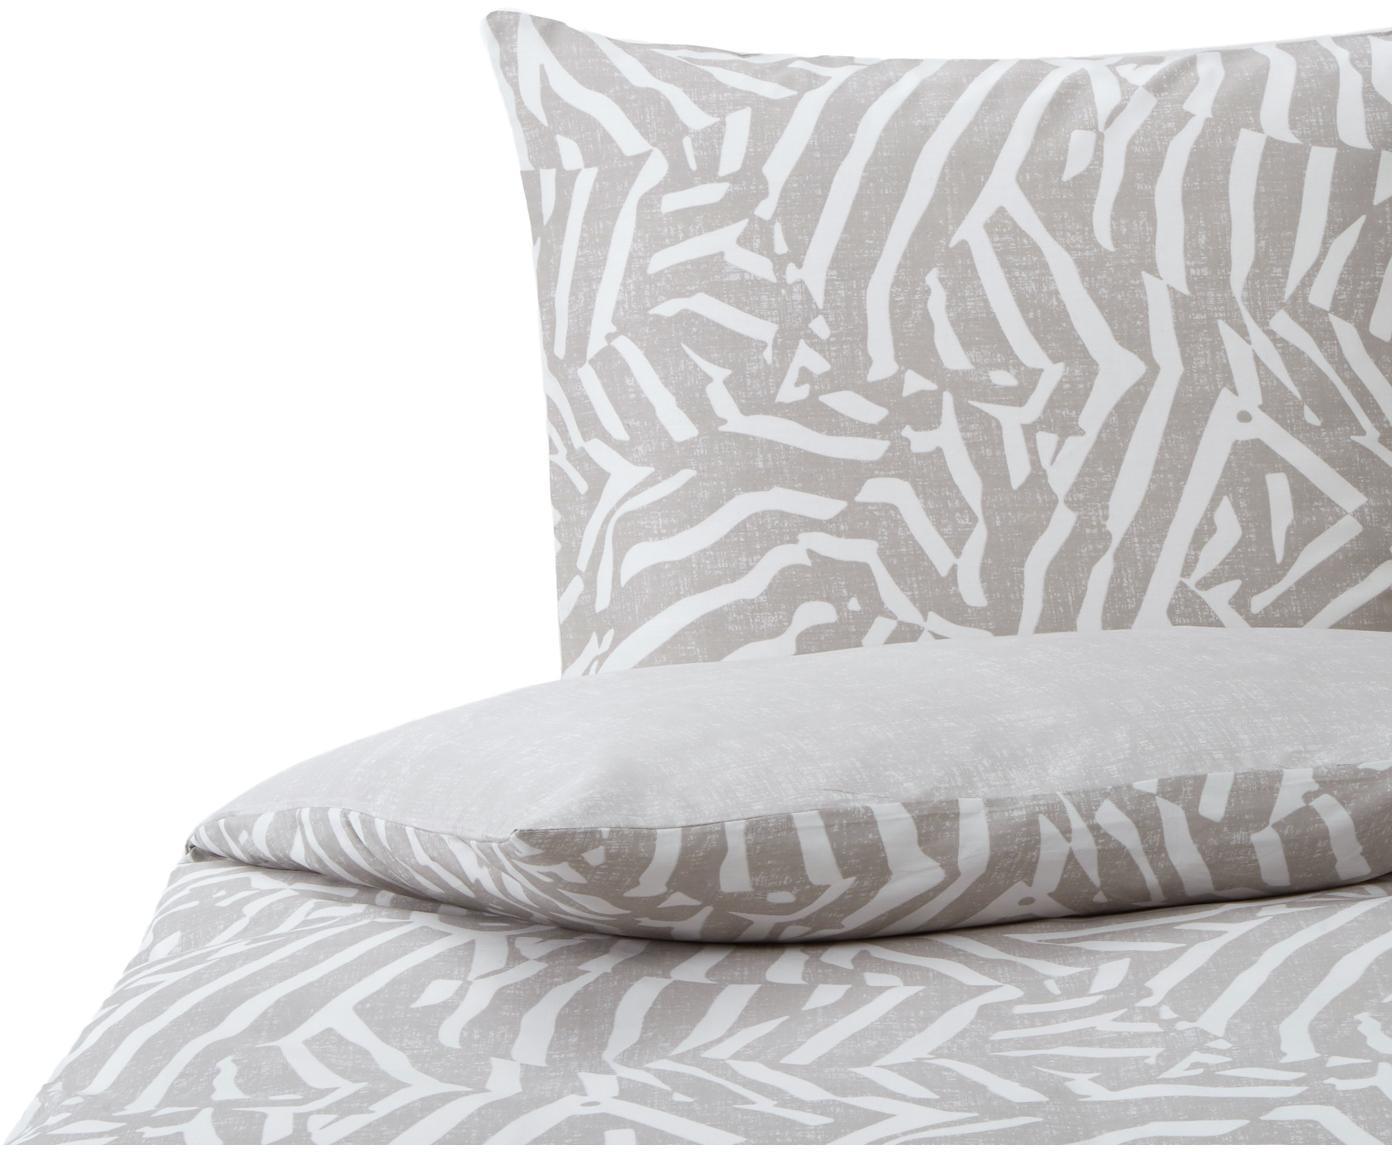 Gemusterte Baumwollsatin-Bettwäsche Adria, Webart: Satin Baumwollsatin wird , Taupe, Weiß, 135 x 200 cm + 1 Kissen 80 x 80 cm